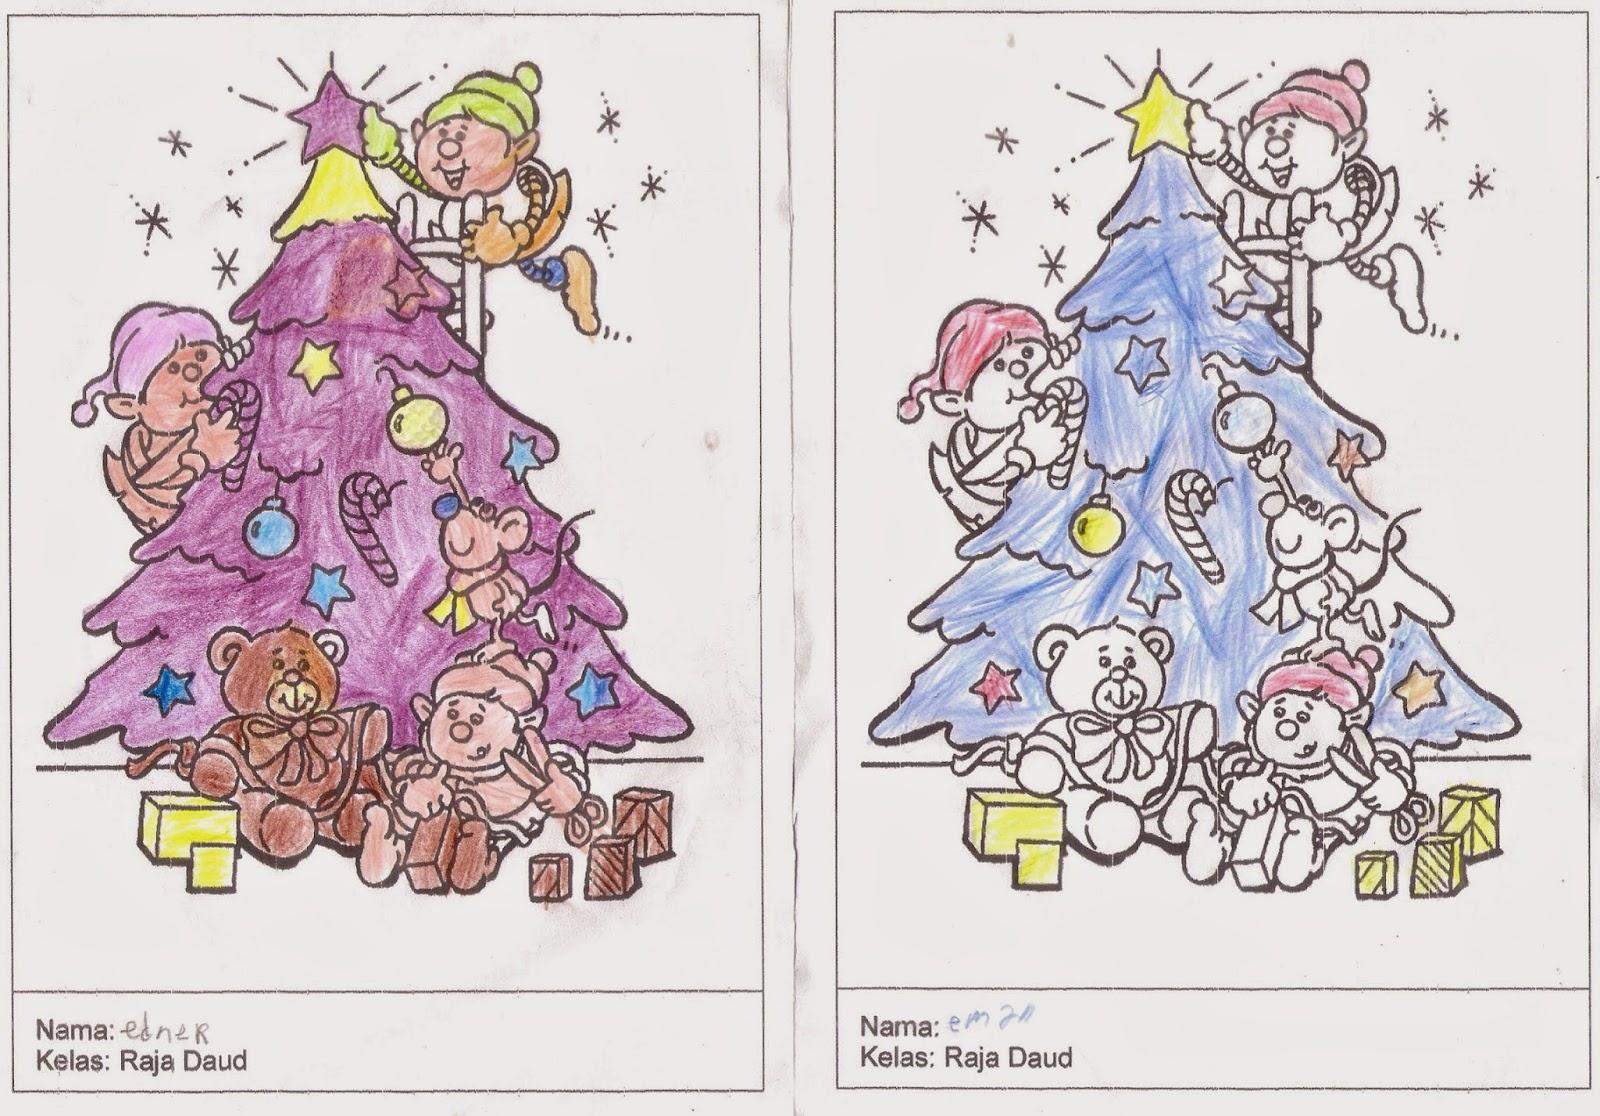 Mendesain Baju Natal Hasil Karya Kelas Yusufï ¿